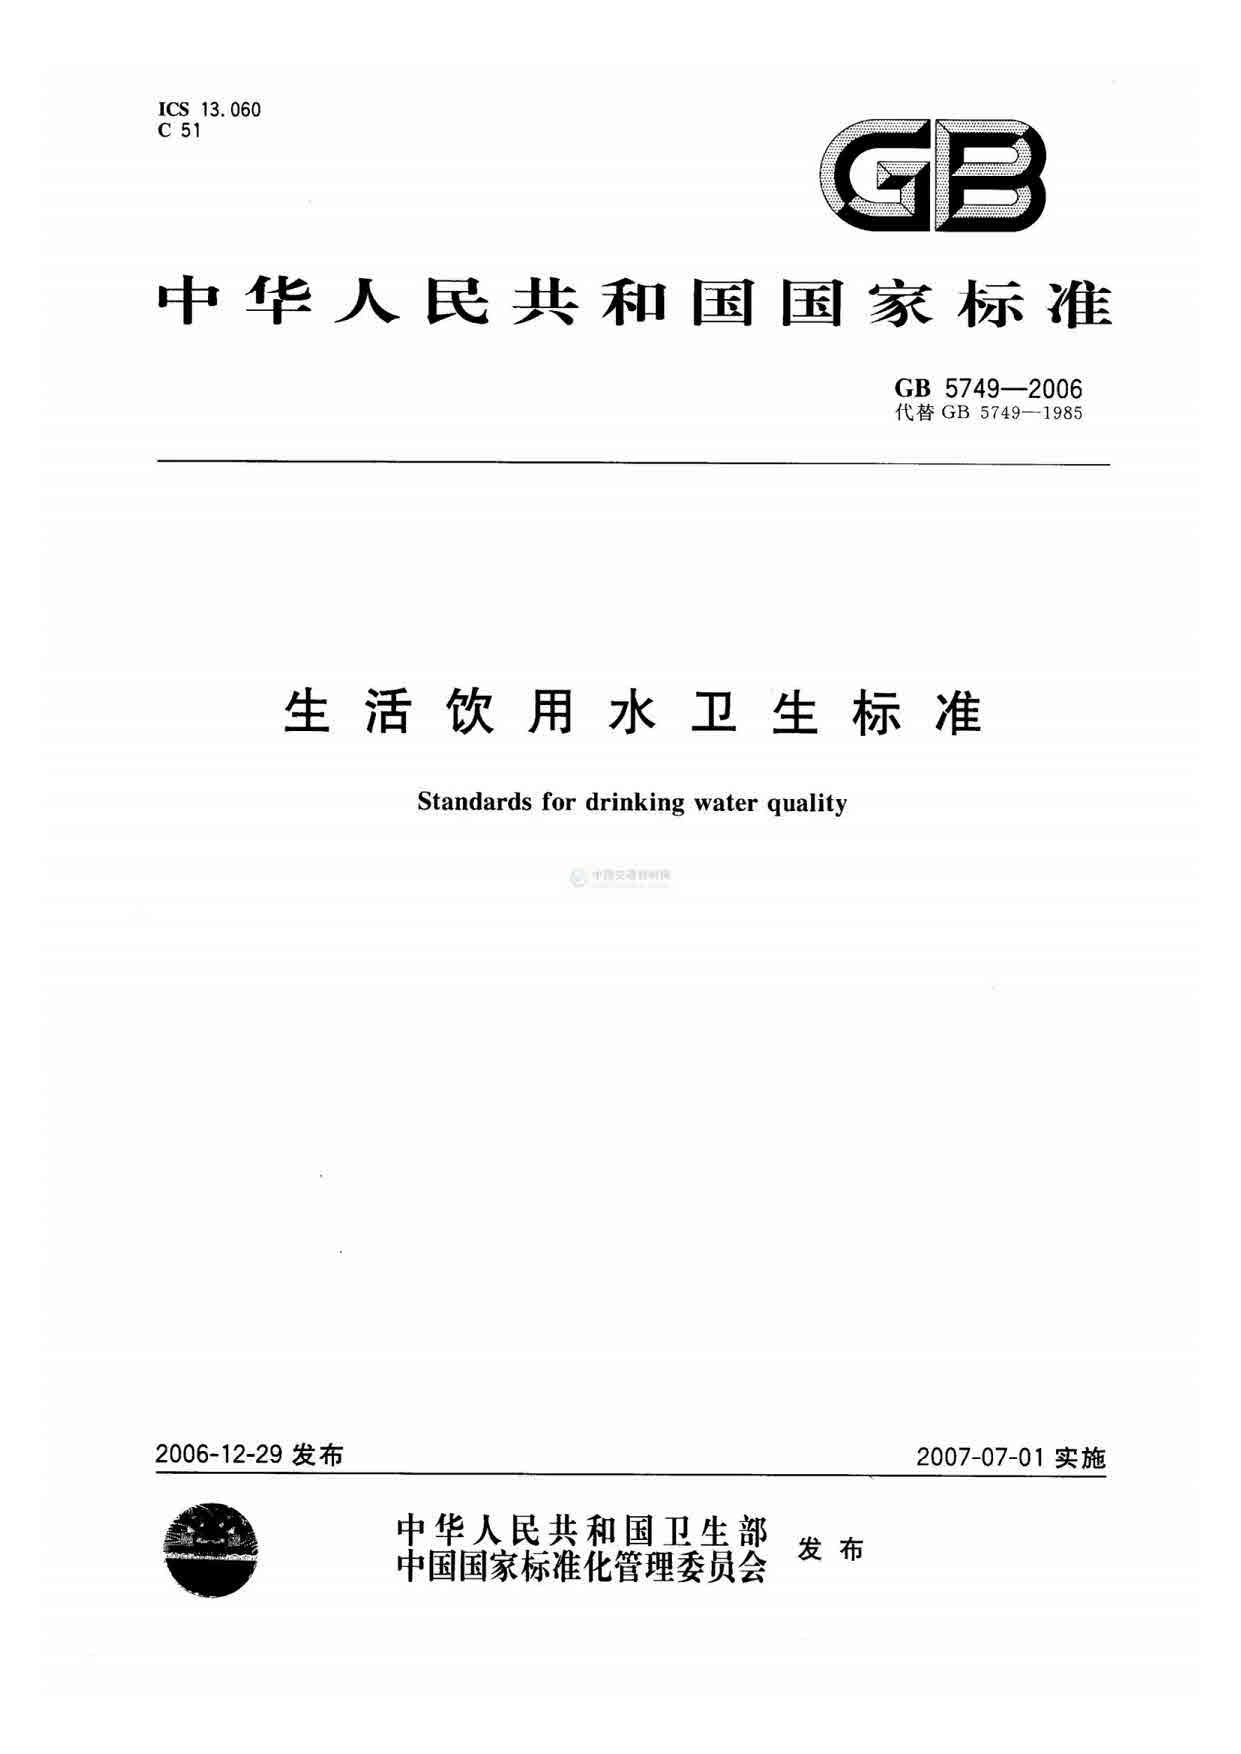 生活饮用水卫生标准GB5749-2006